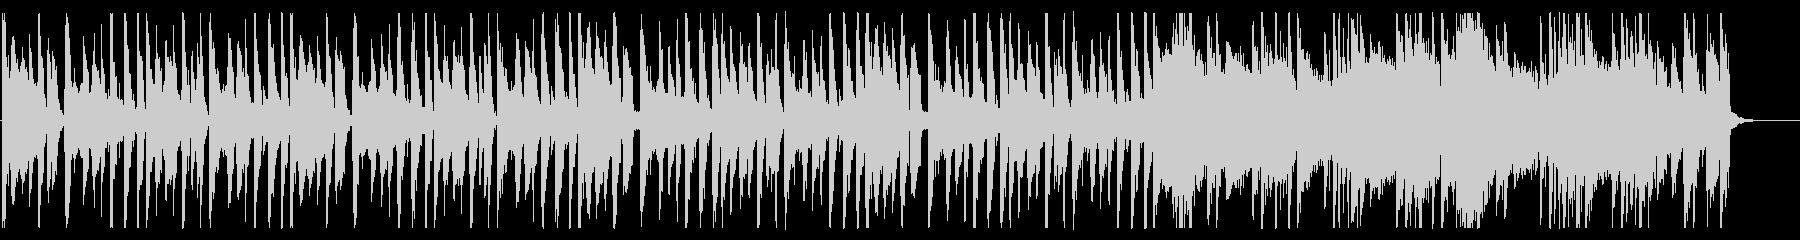 浮遊感が溢れるBGM_No580_2の未再生の波形